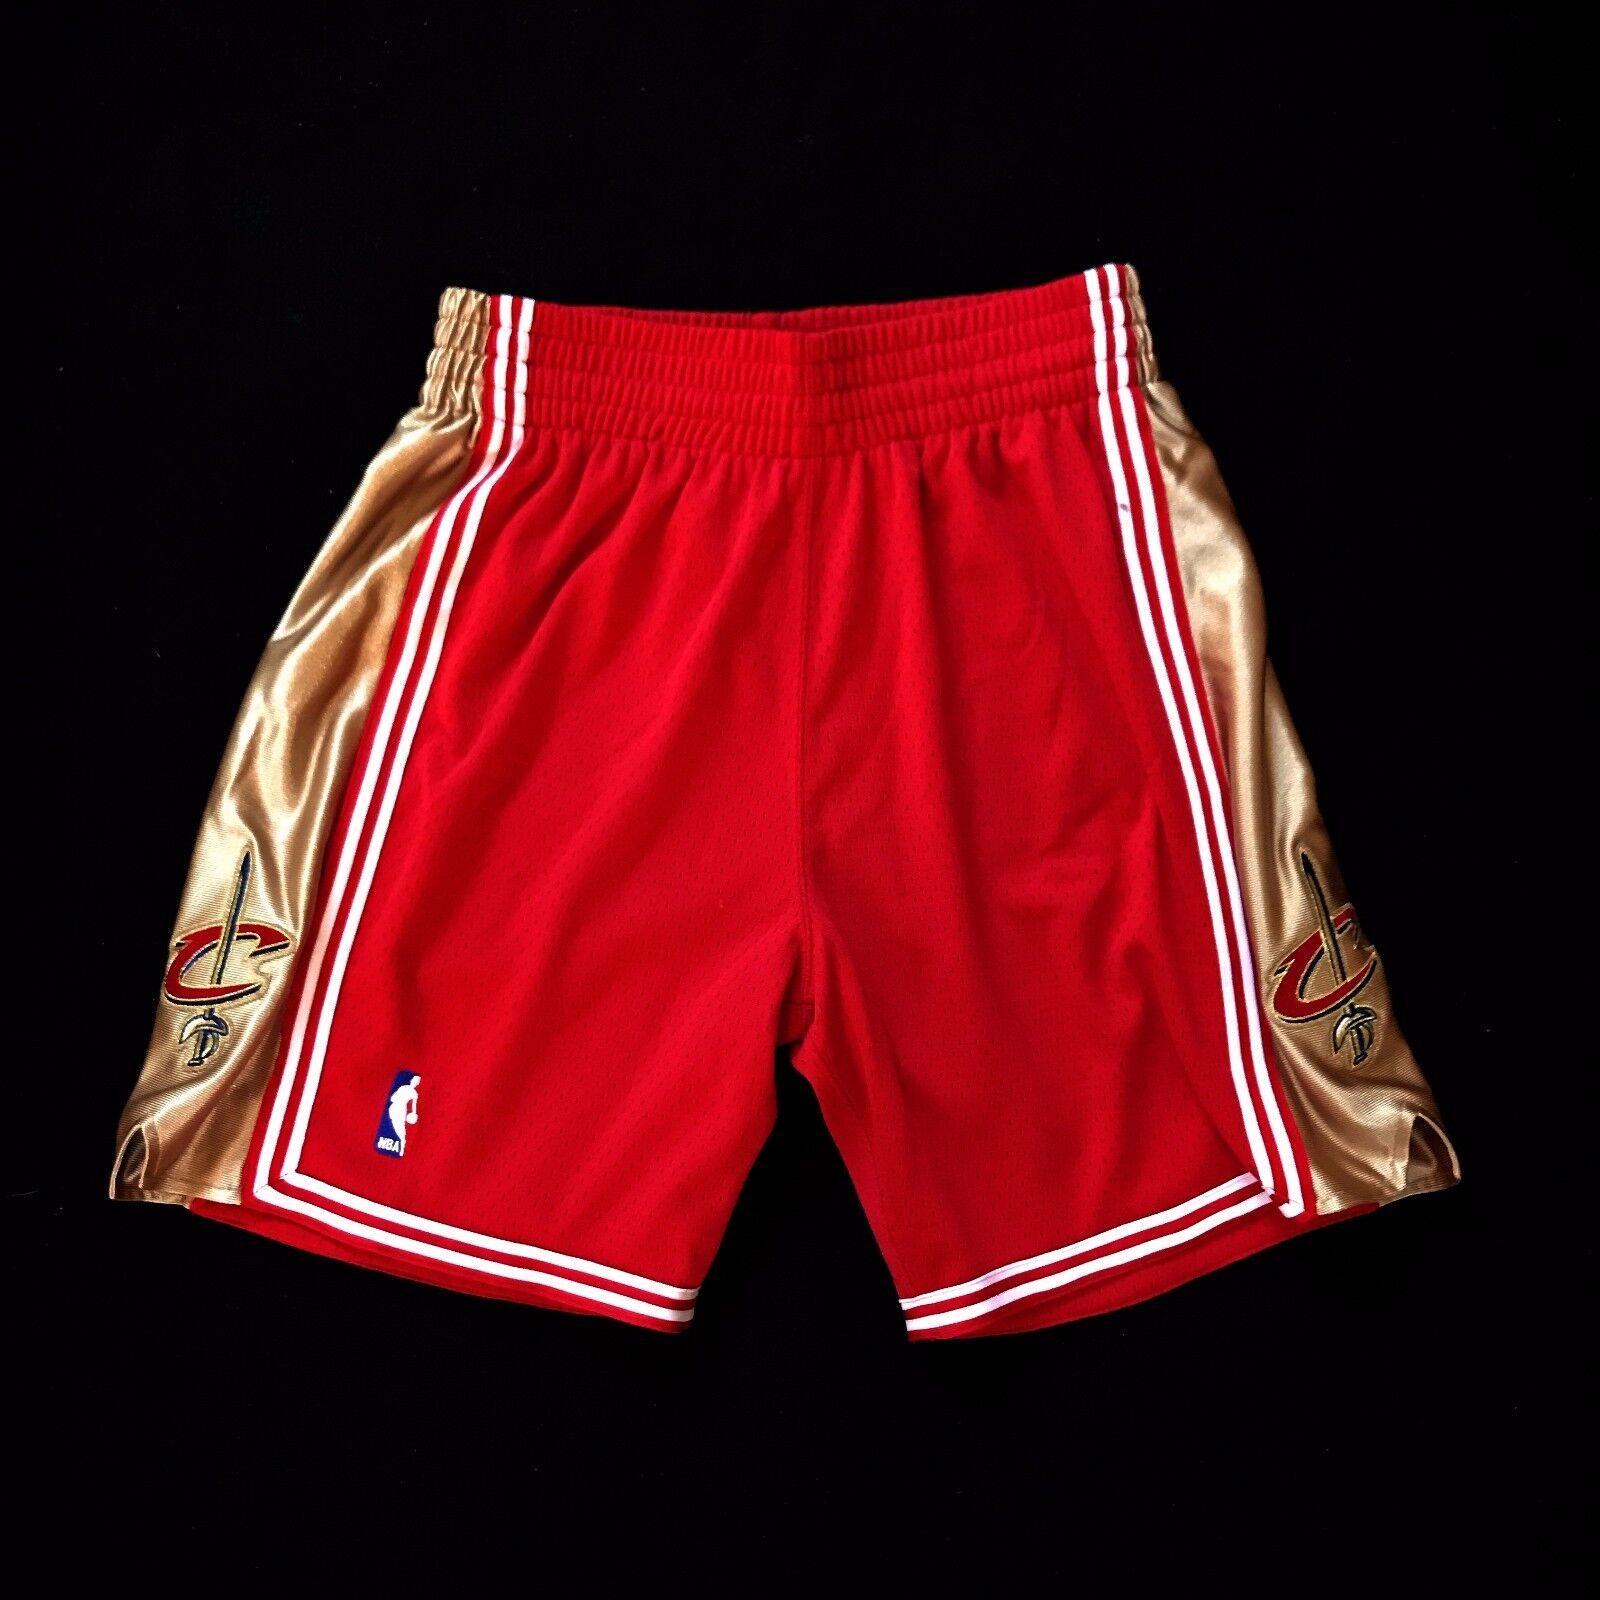 100% Authentisch Mitchell & Ness Kavaliere NBA Shorts Shorts Shorts Herren Größe M MEDIUM 40 e75ded